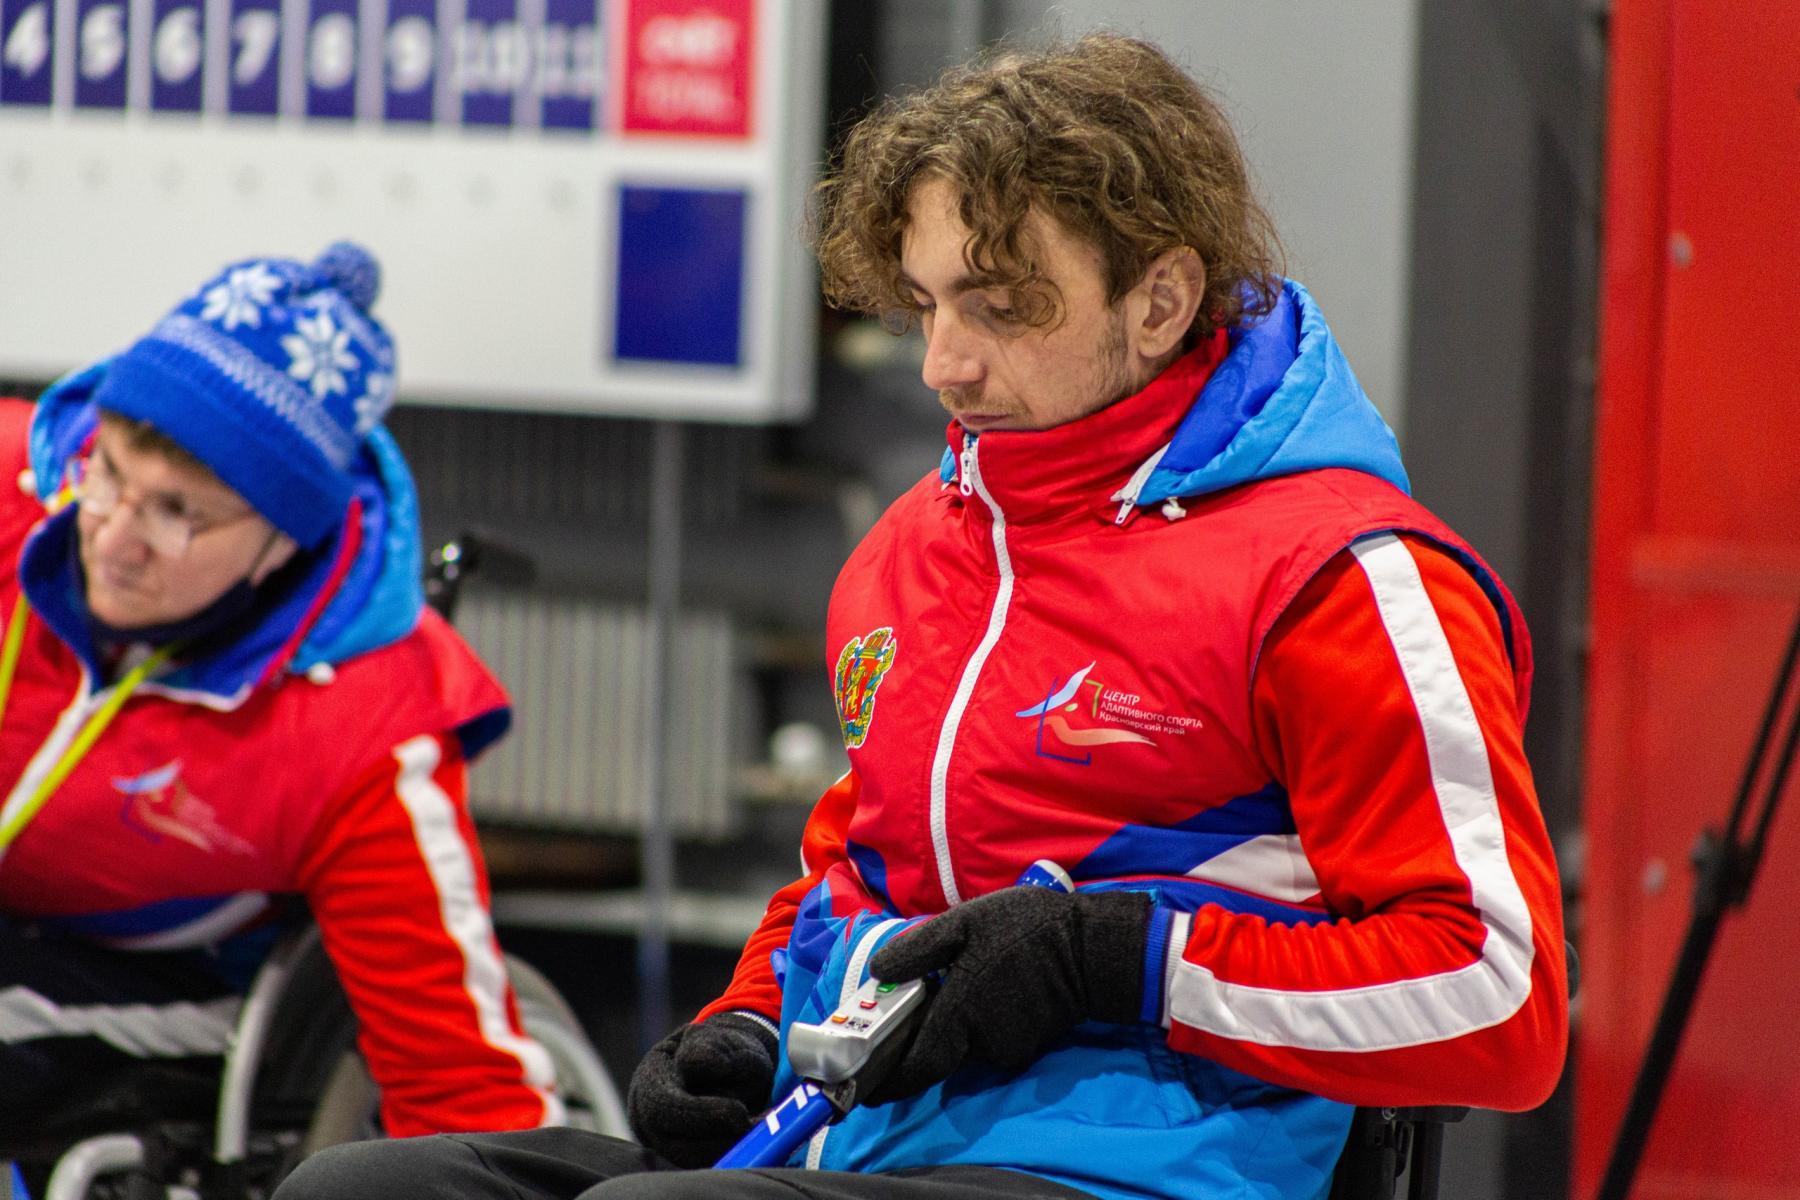 фото В Новосибирске прошли первые соревнования по кёрлингу на колясках 7